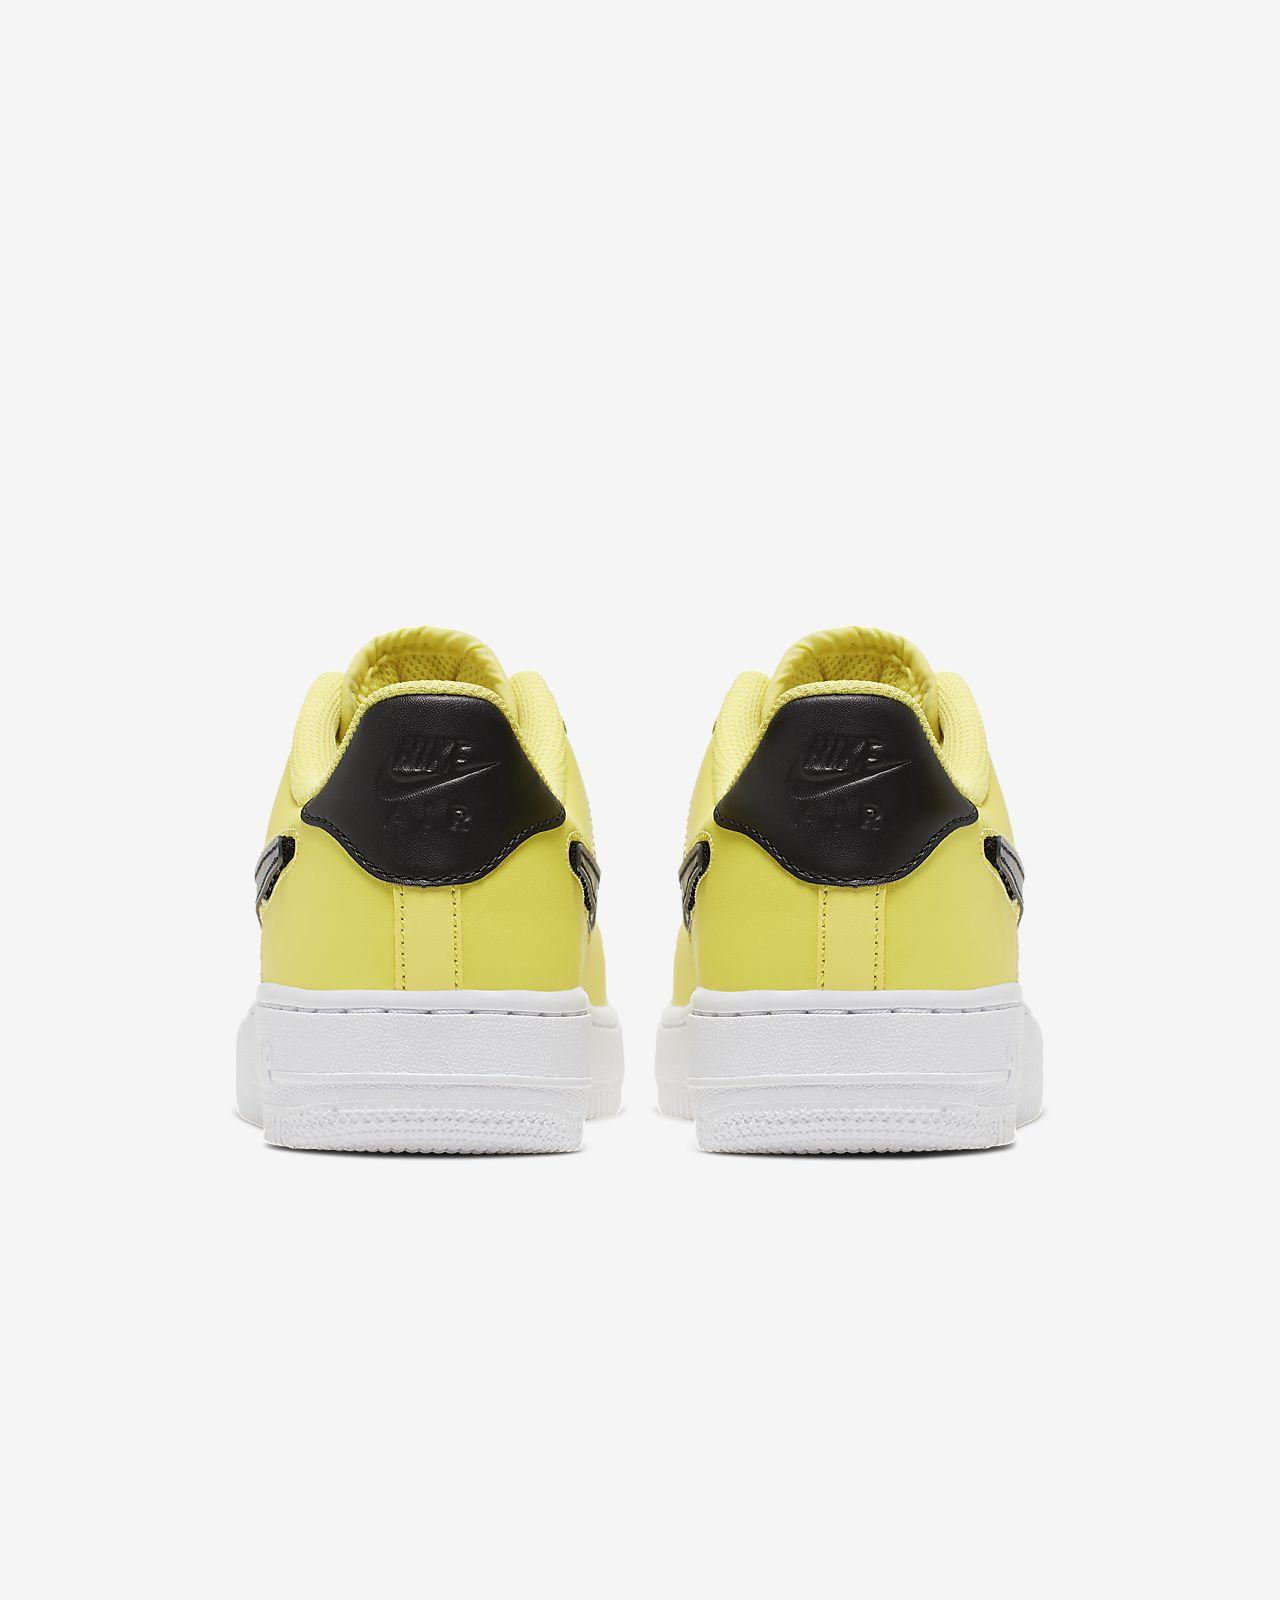 heiß Nike Air Force 1 LV8 3 Schuh für ältere Kinder mgLEOWUj